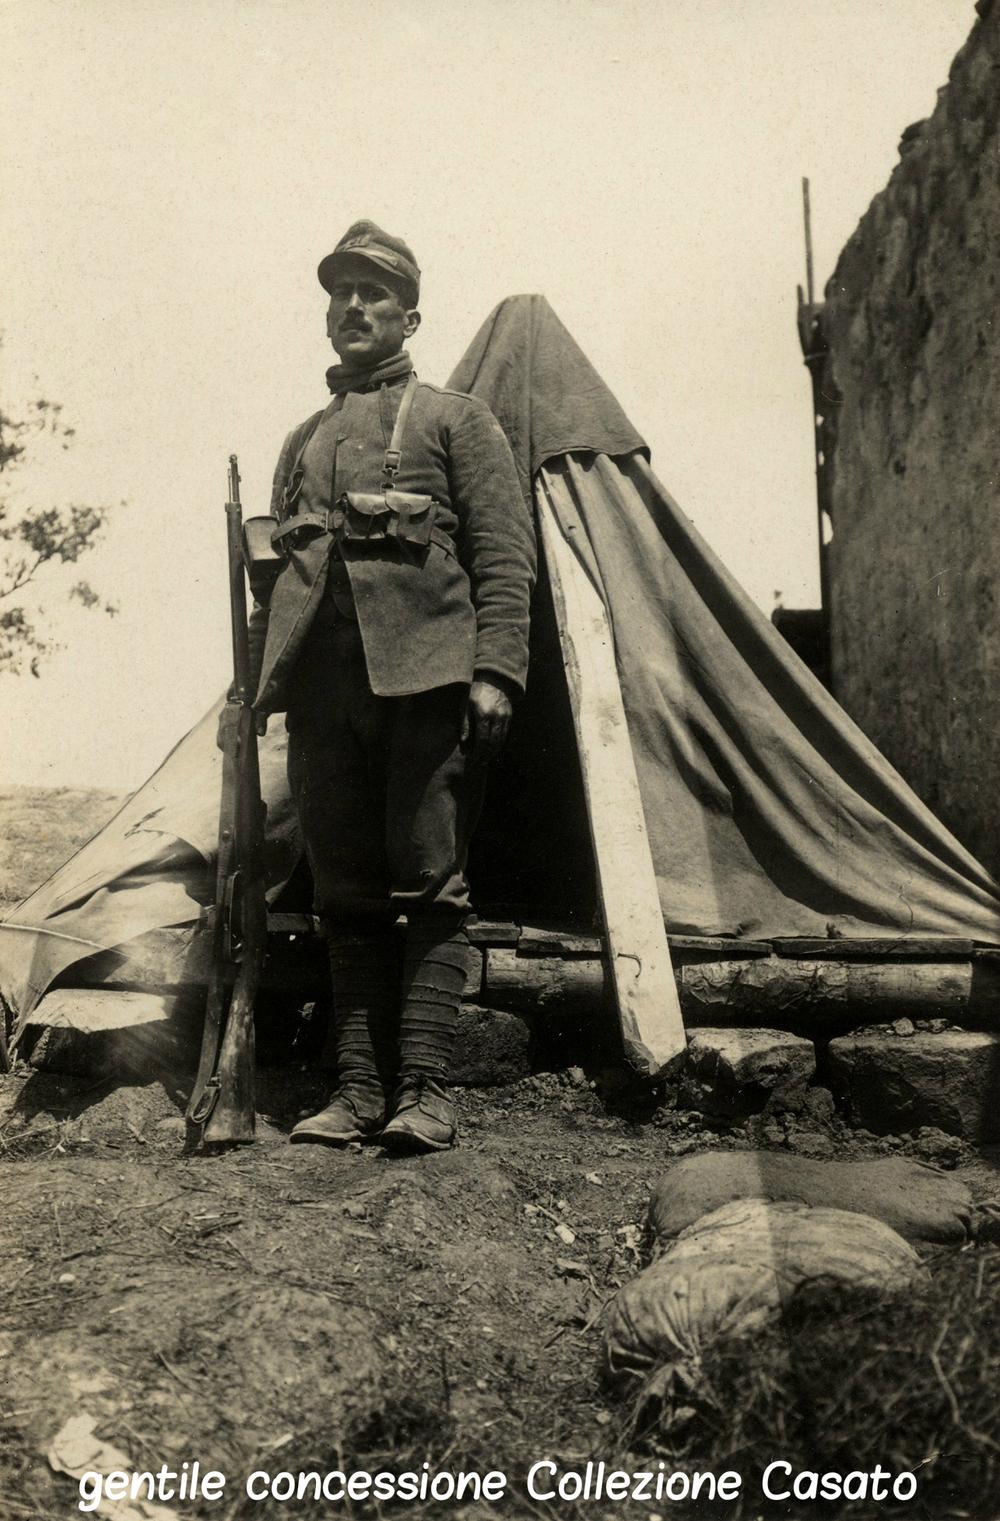 176 - L'attendente del tenente Venditti - Valerisce maggio 1916 criptata.jpg